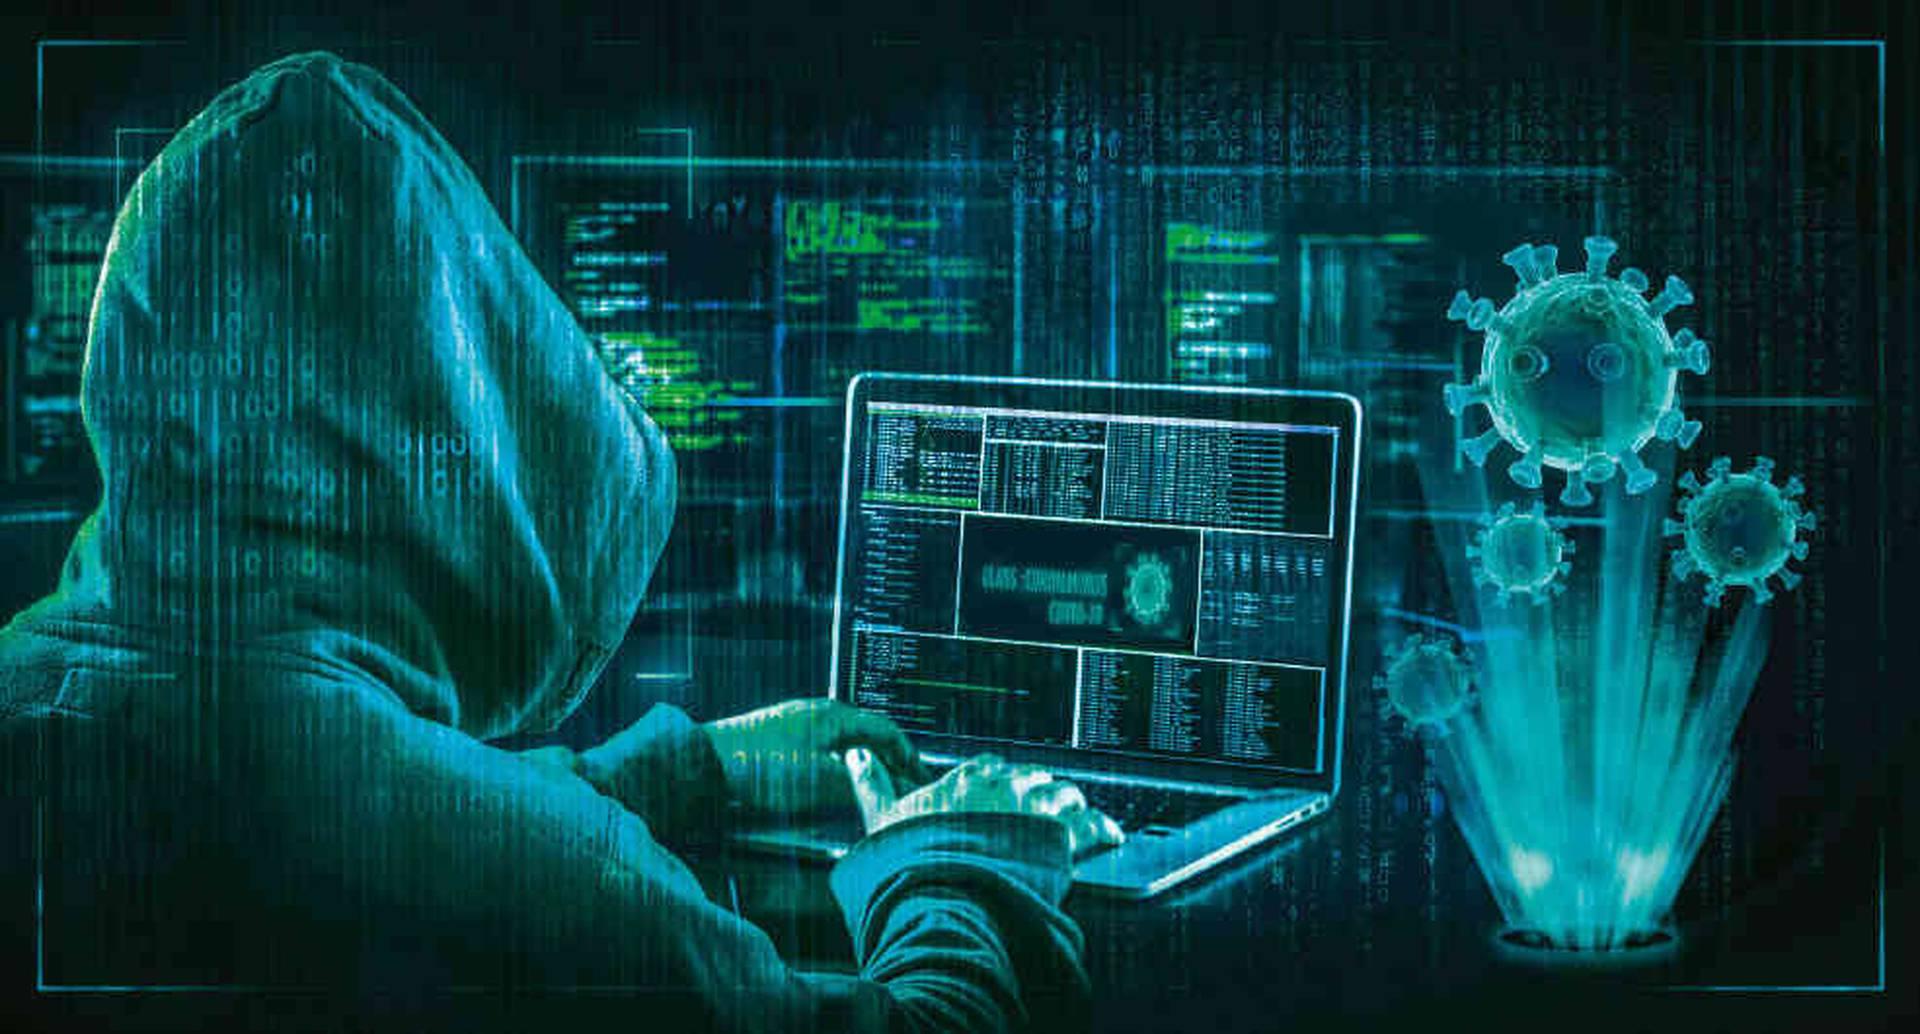 El desarrollo de una vacuna contra la covid-19 está generando intereses criminales en hackers